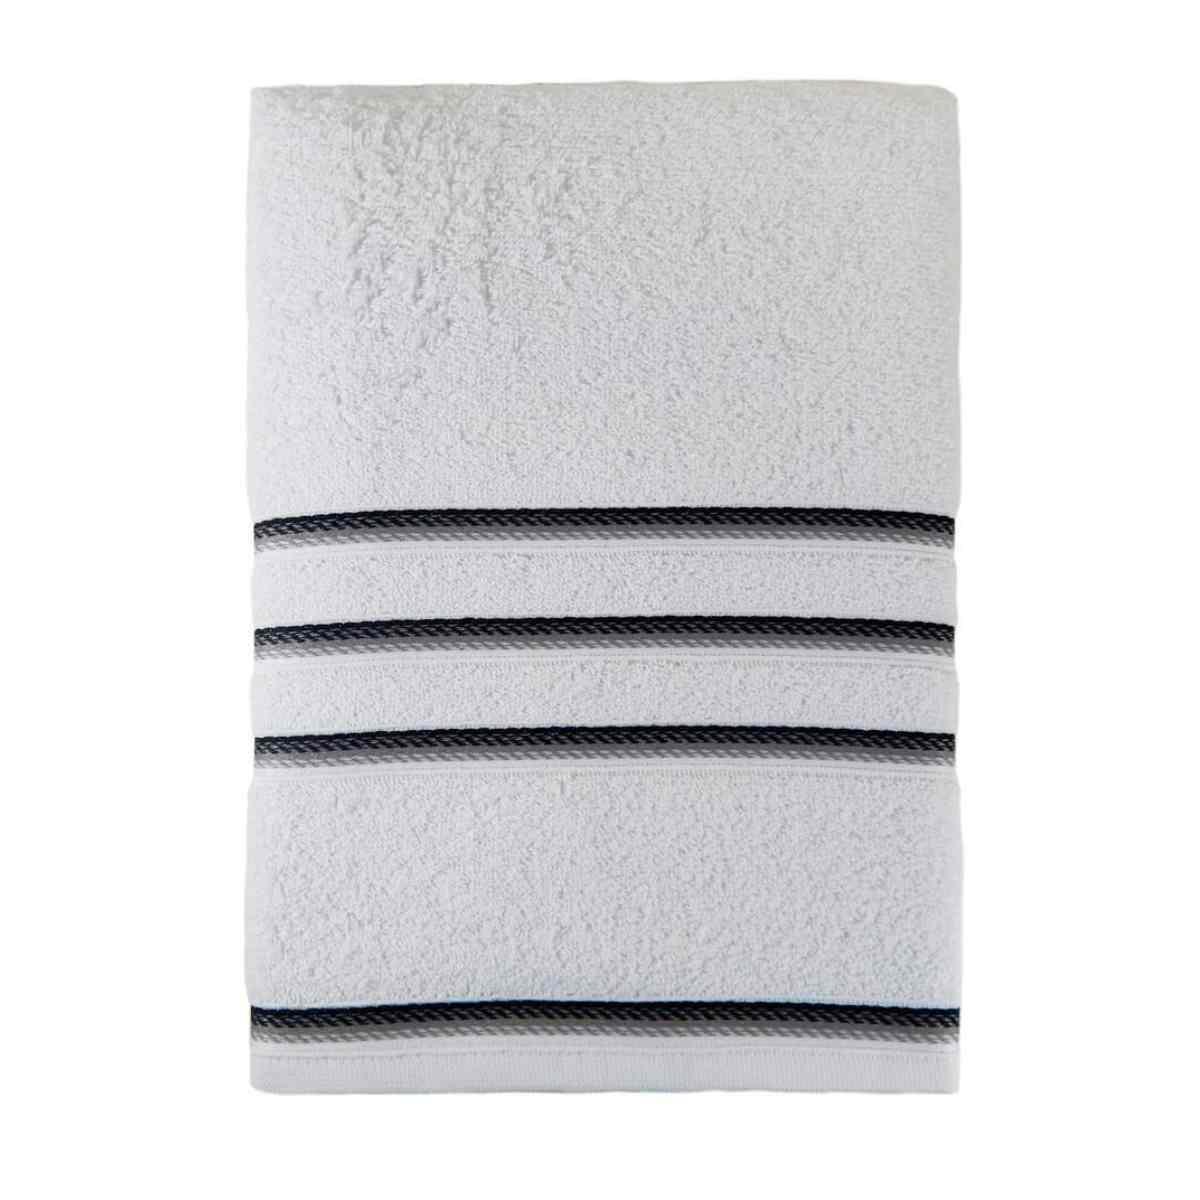 Toalha banho classic 68x135 Branco Com Preto